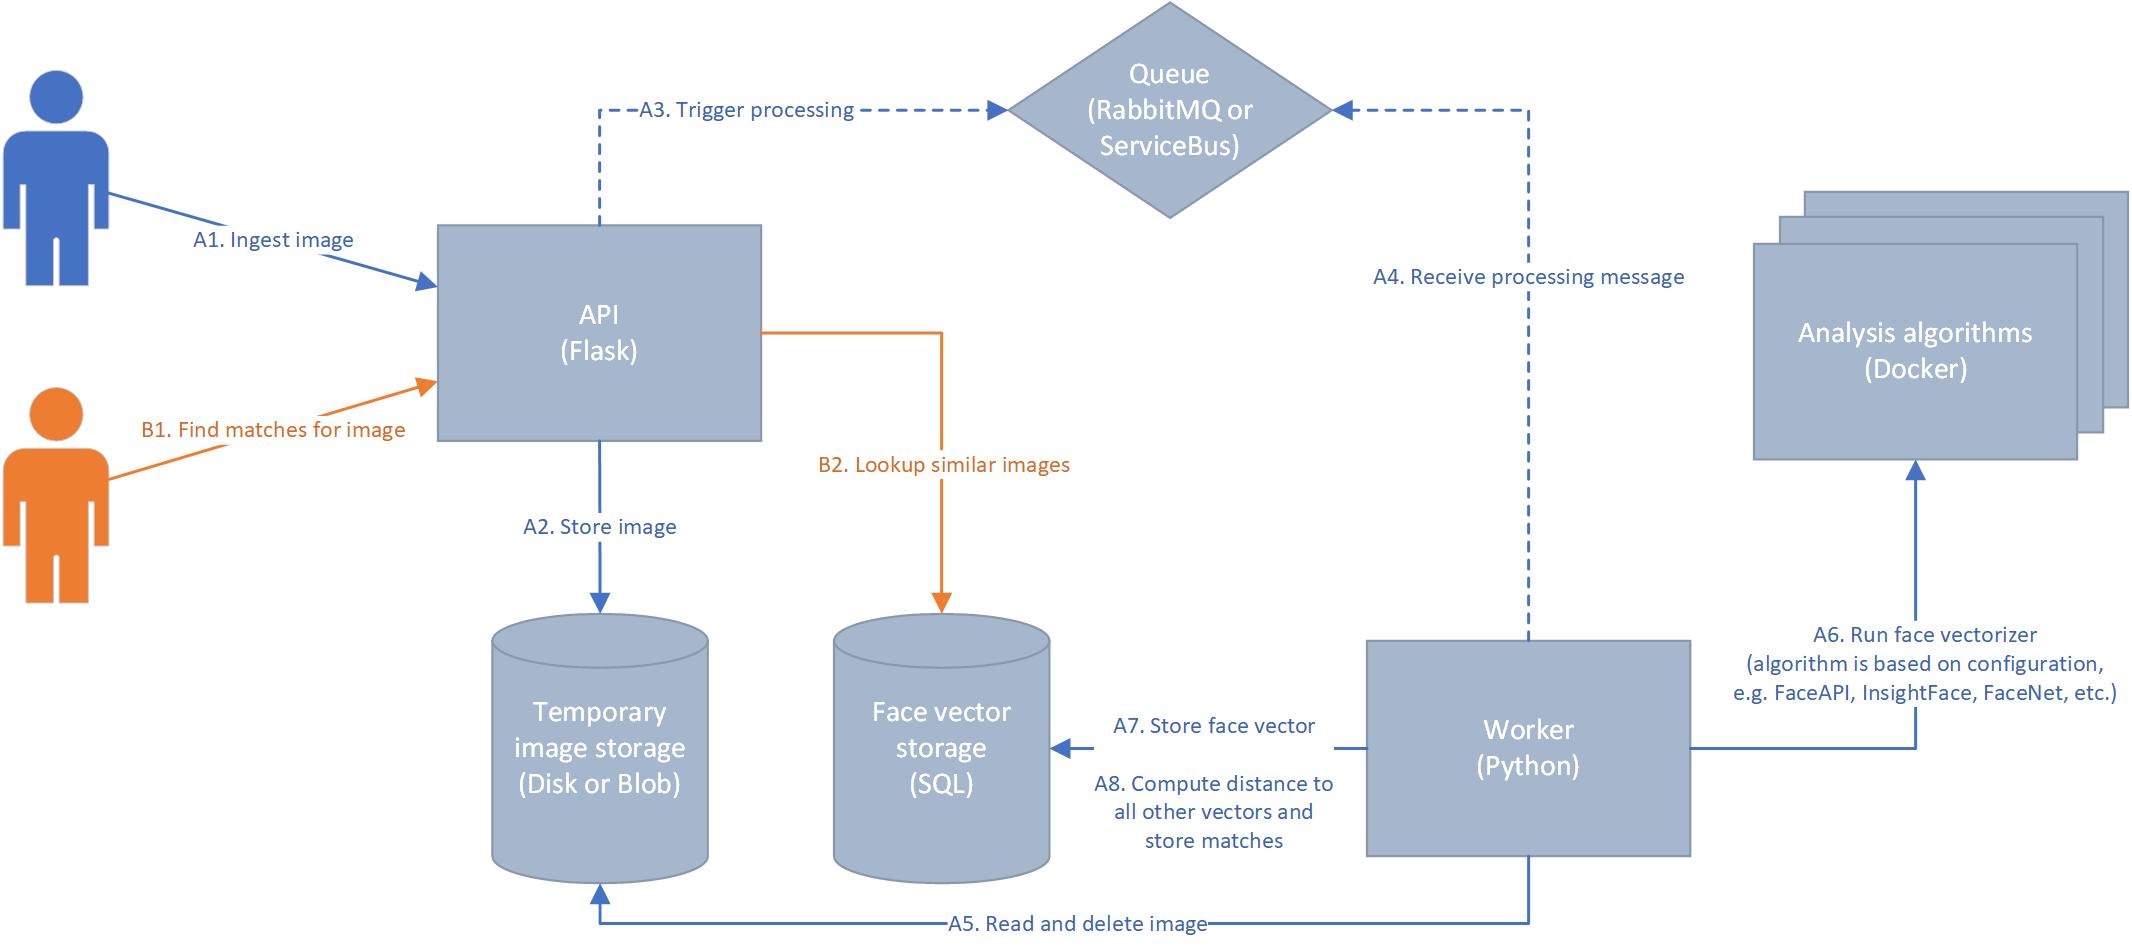 Architecture diagram for faceanalysis